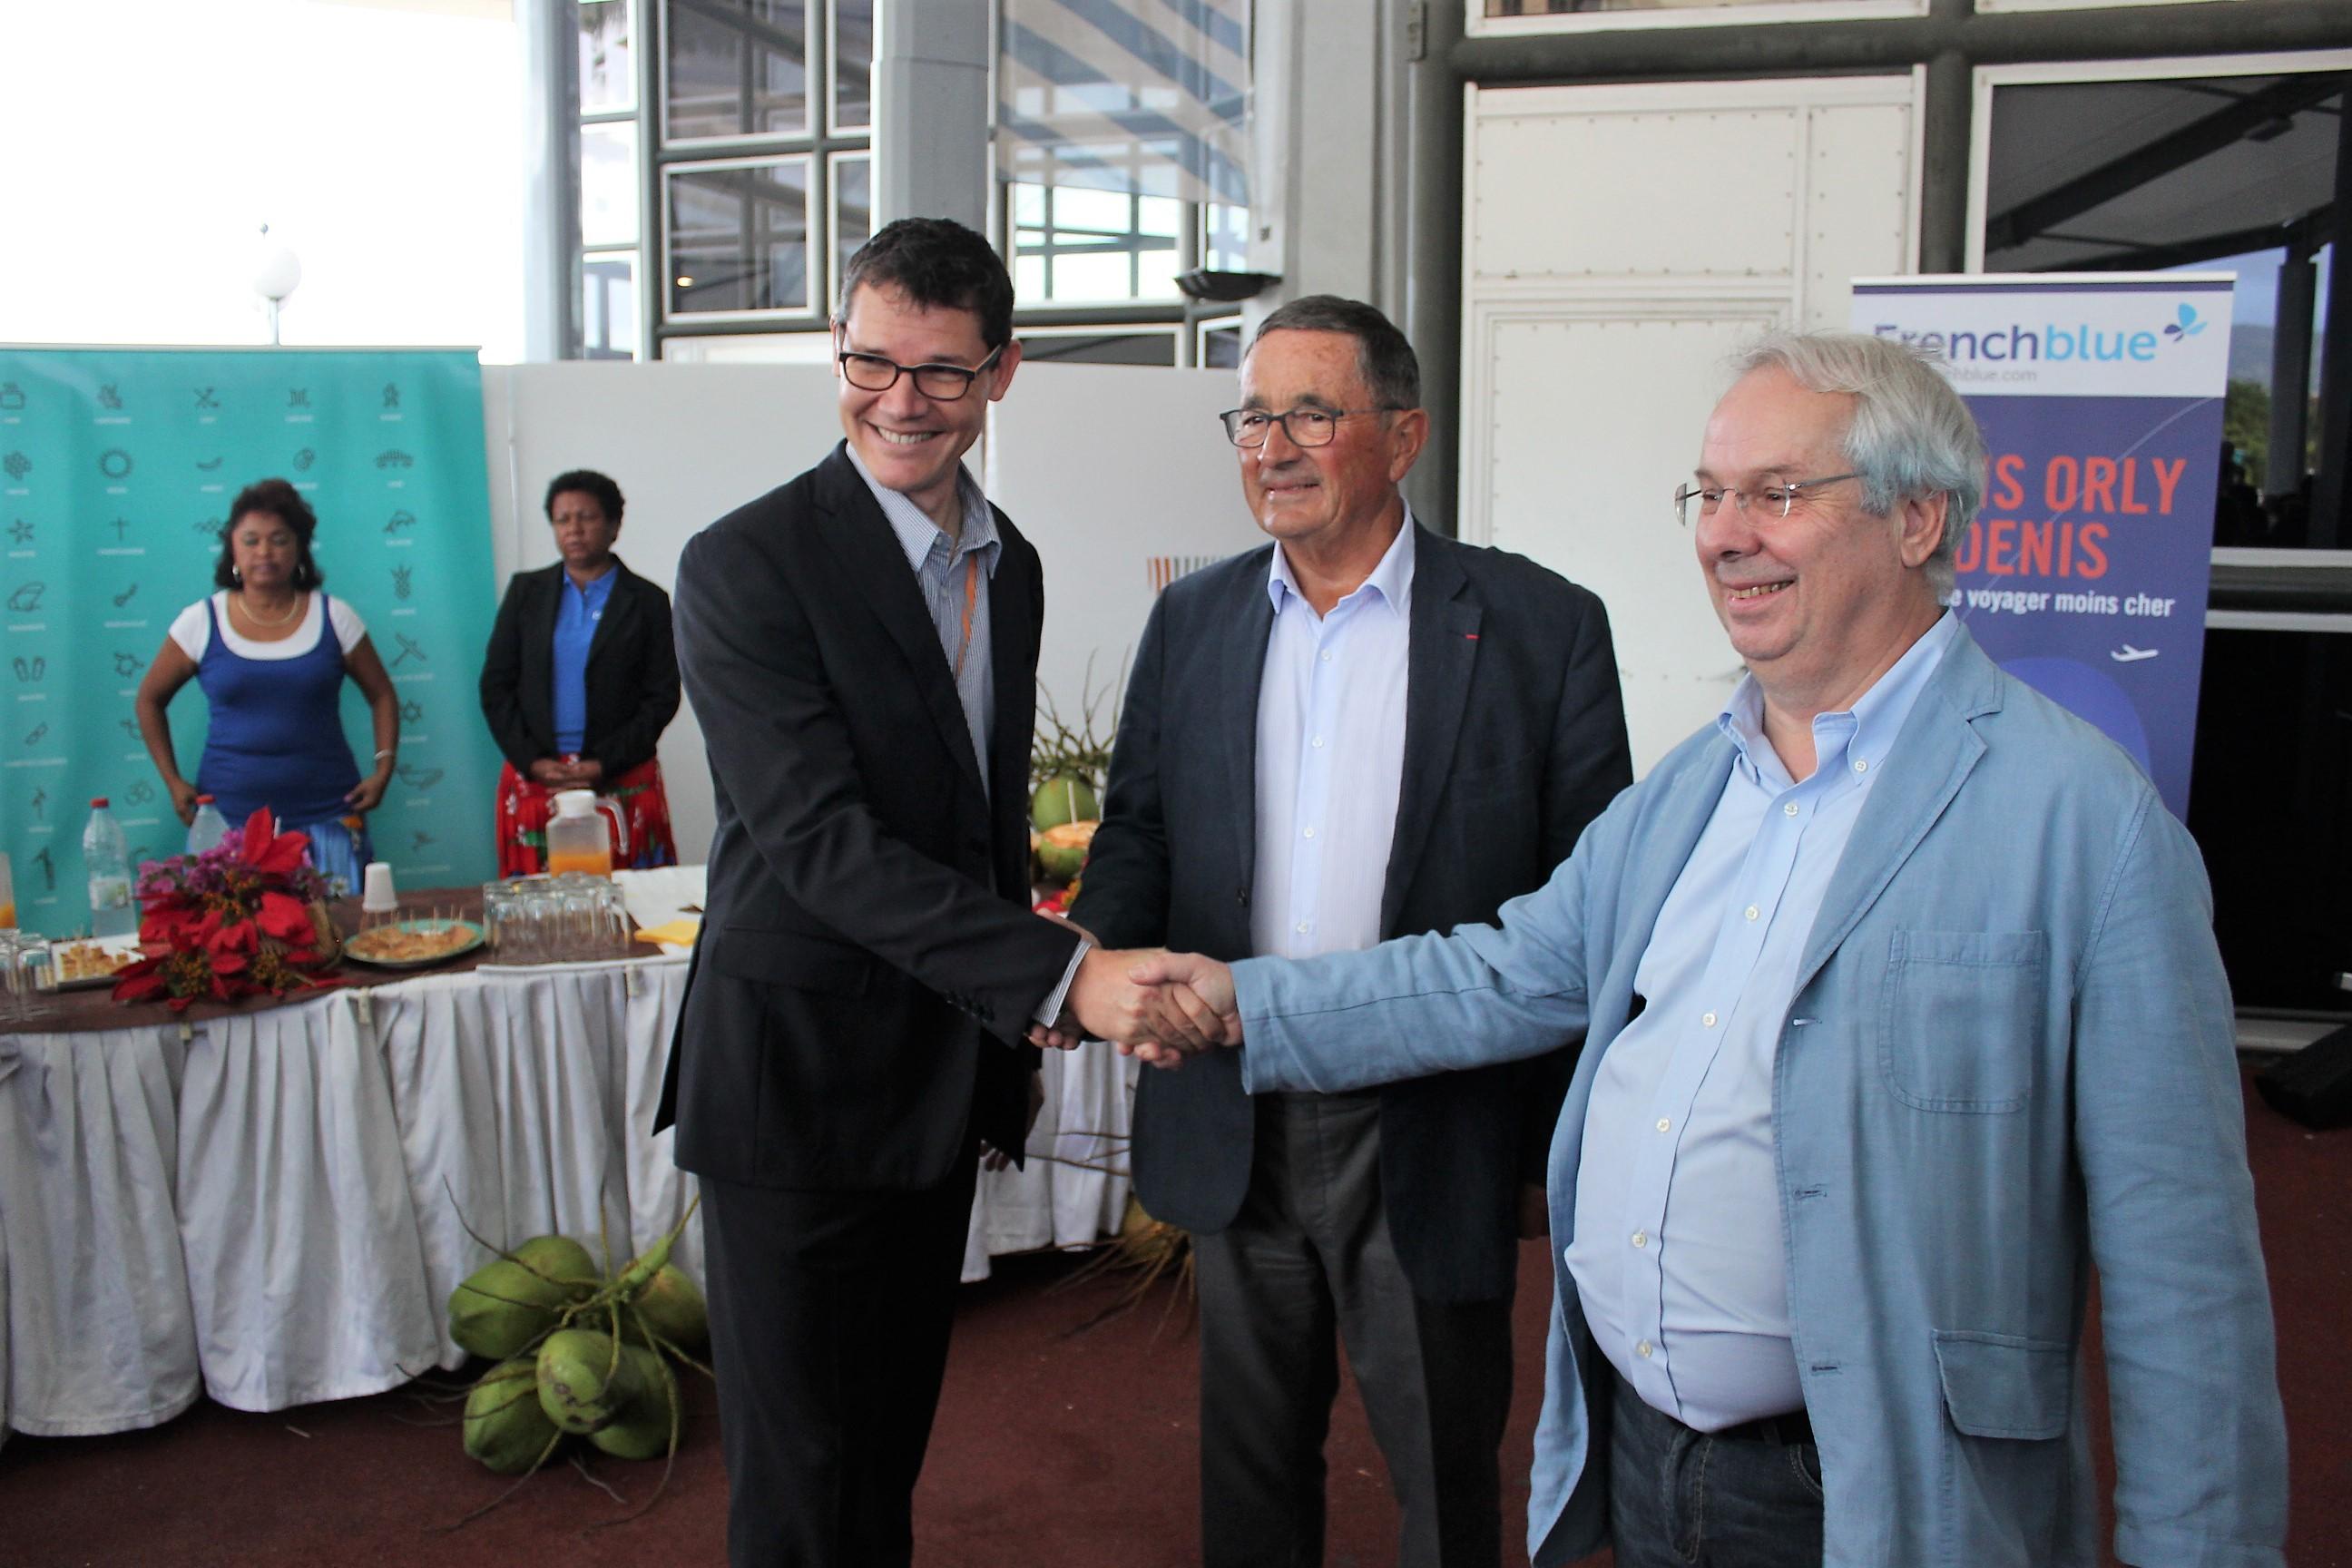 Guillaume Branlat, Président du directoire de l'aéroport Roland Garros, est venu accueillir Jean-Paul Dubreuil et Marc Rochet ©Outremers360